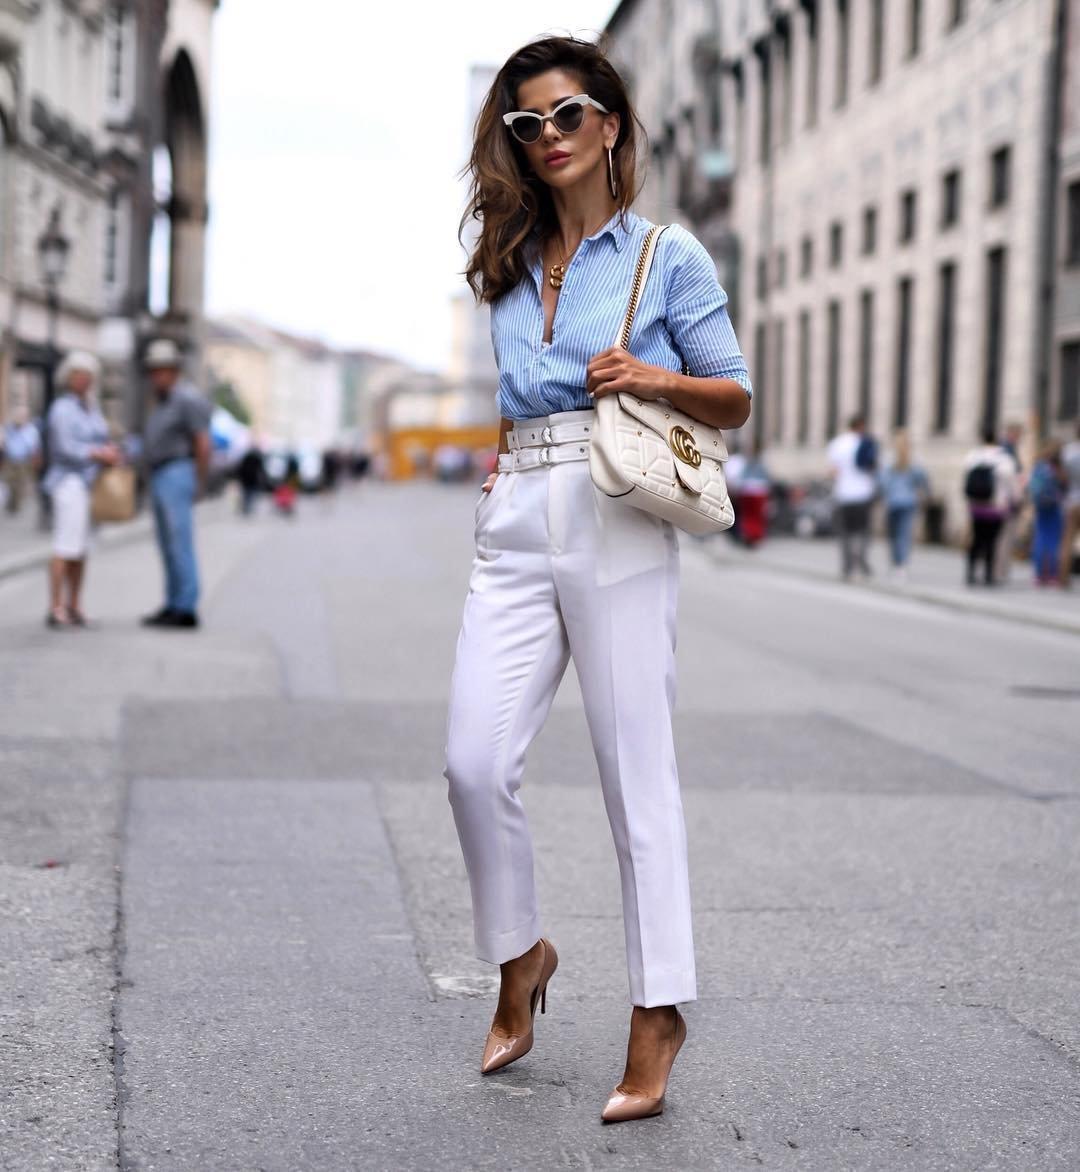 белые штаны женские с чем носить фото чтобы шиншилла съела